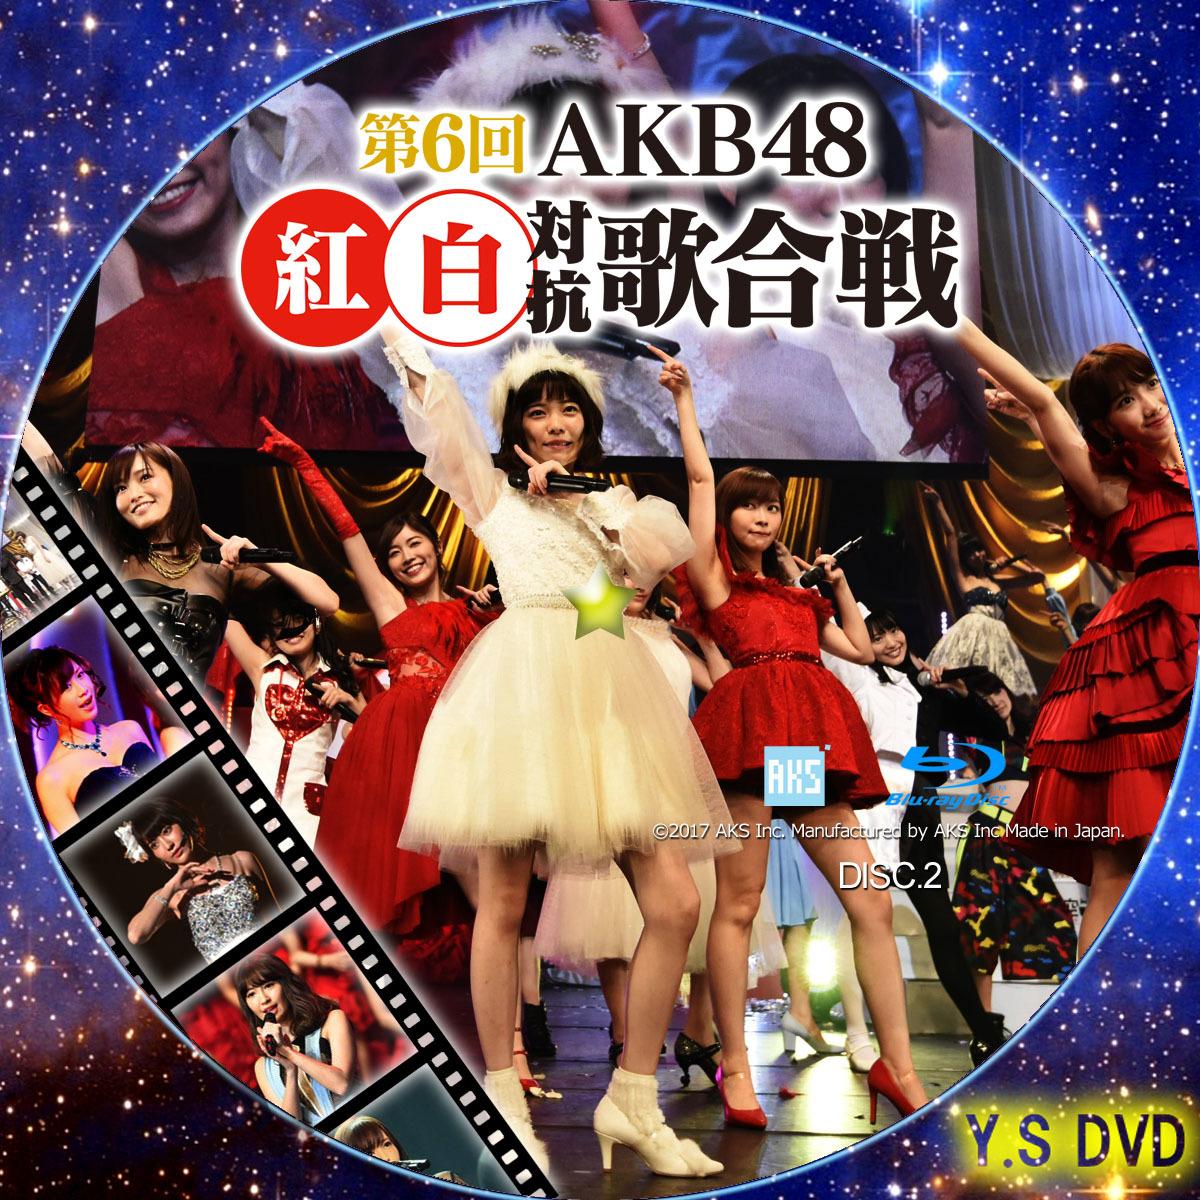 第6回 Akb48 紅白対抗歌合戦 Y S オリジナルdvdラベル